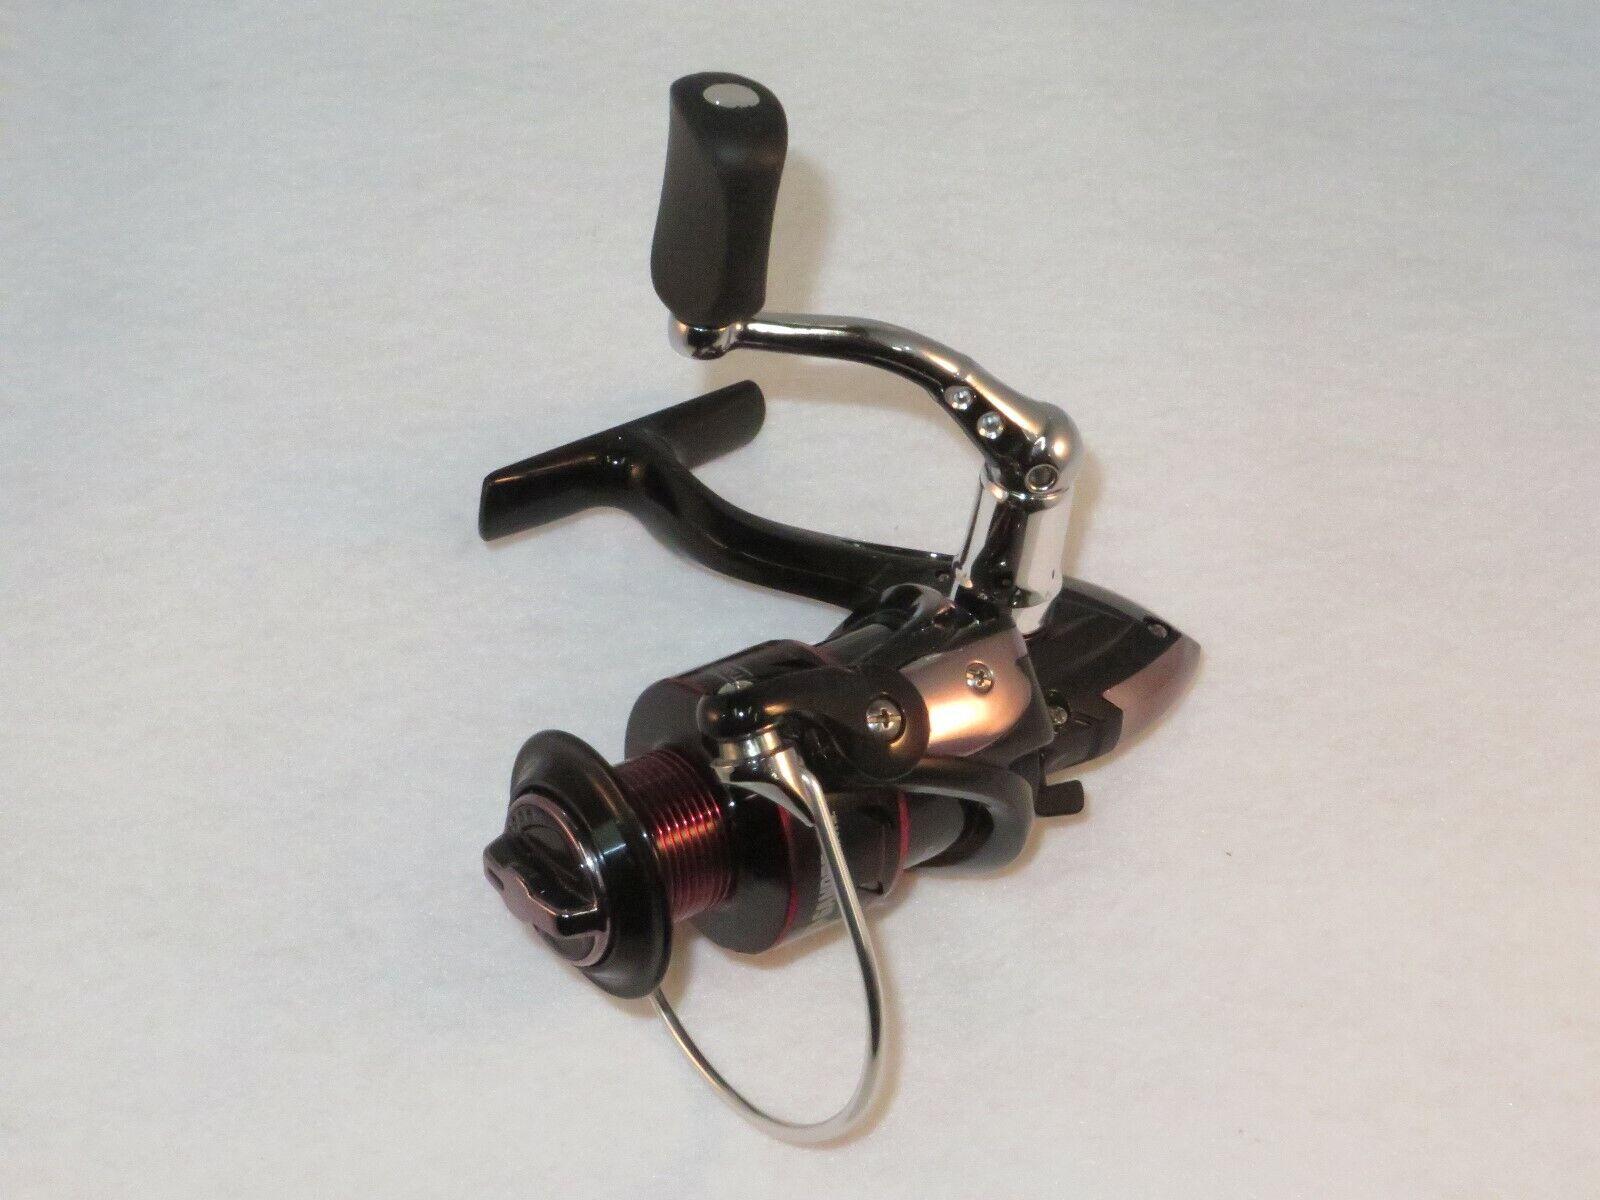 Advantage 3000 Spinning Reel - Left Handed Retrieve